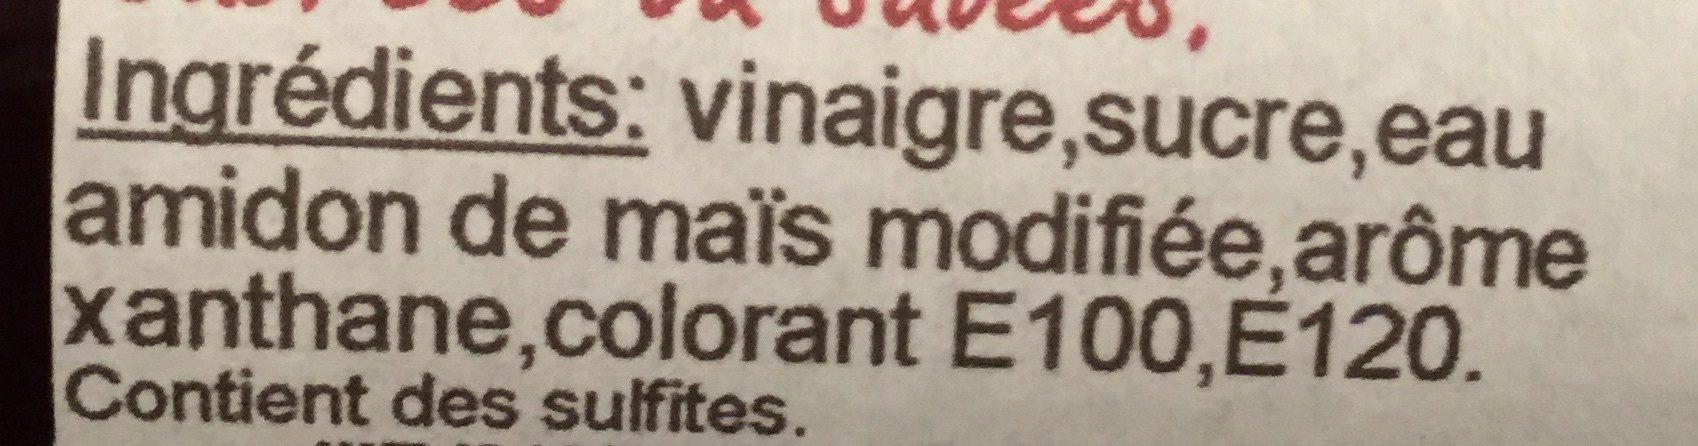 Creme de vinaigre Douce - Ingrédients - fr